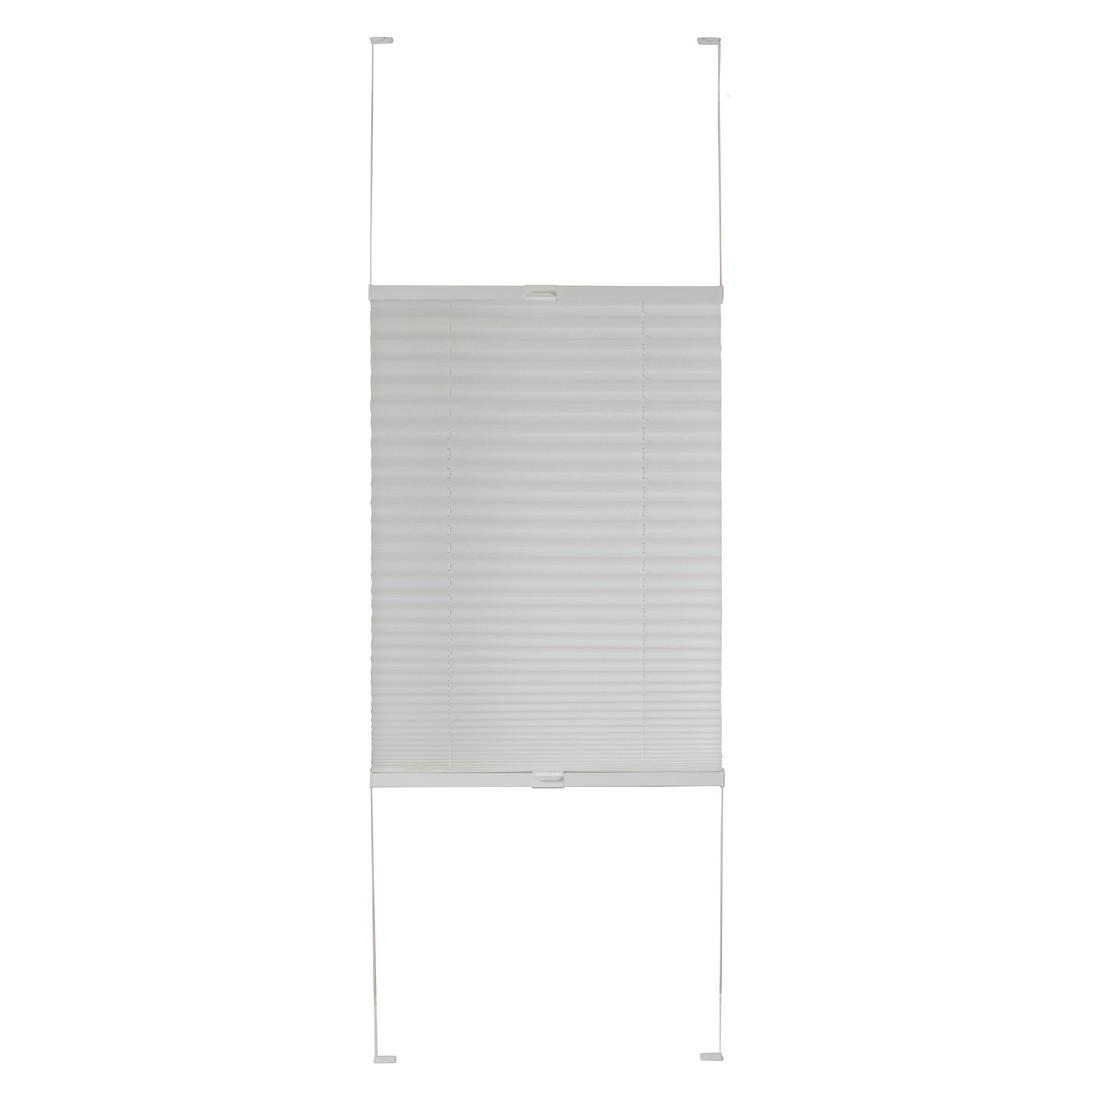 Plissee Tokio (Breite 100-200 cm) – verpannt – Weiß – Breite: 105 cm Höhe: 130 cm, Sandega günstig online kaufen